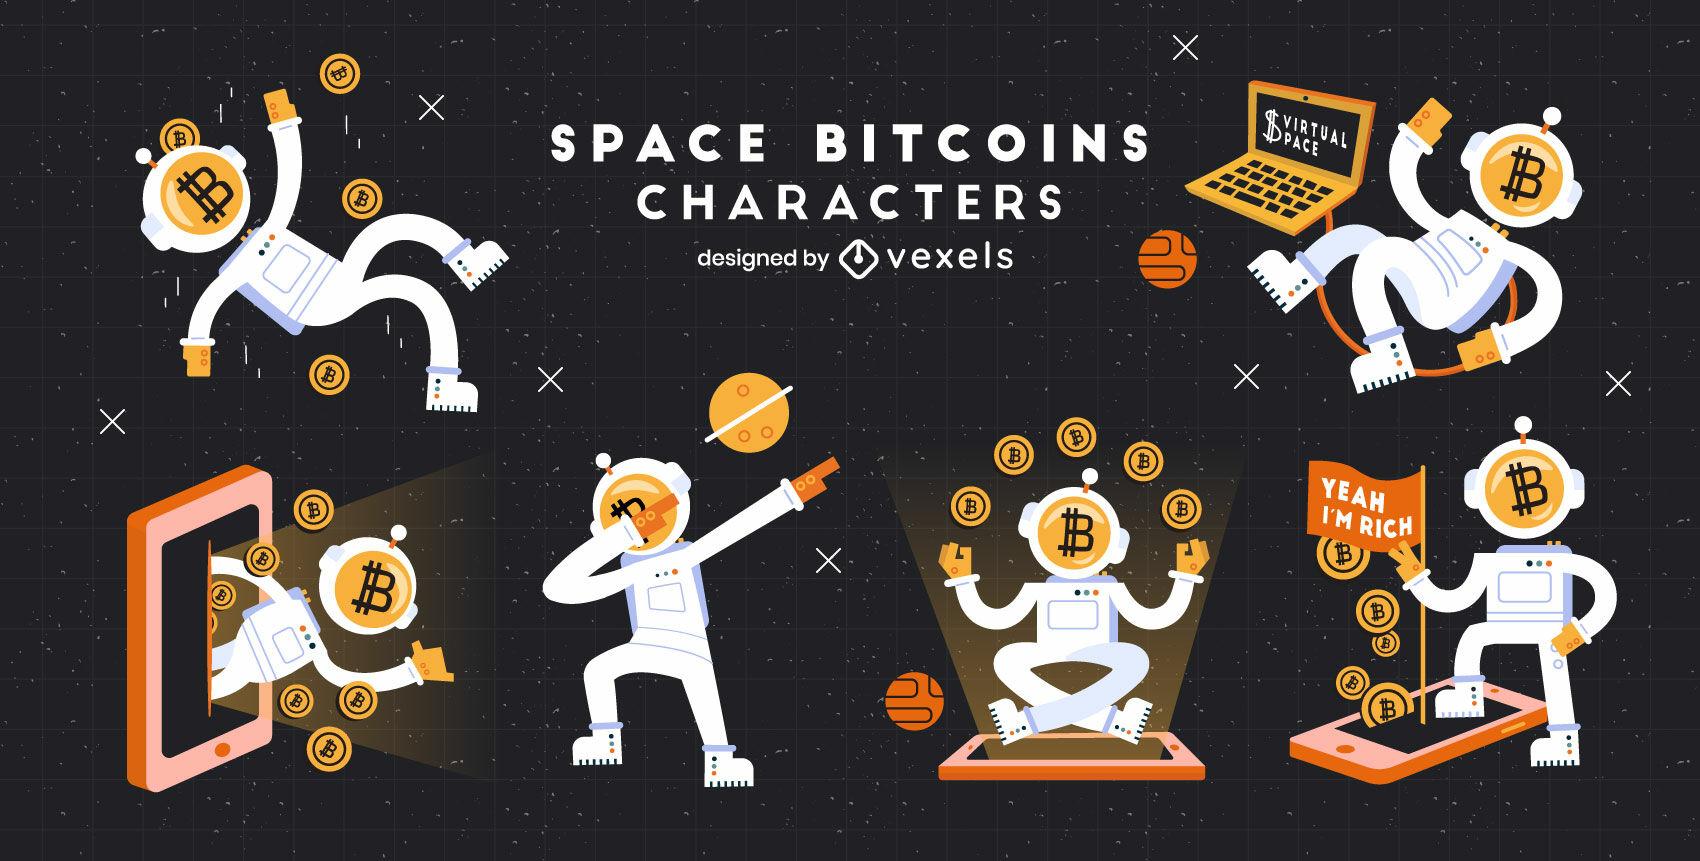 Conjunto de personajes de dibujos animados de bitcoin espacial